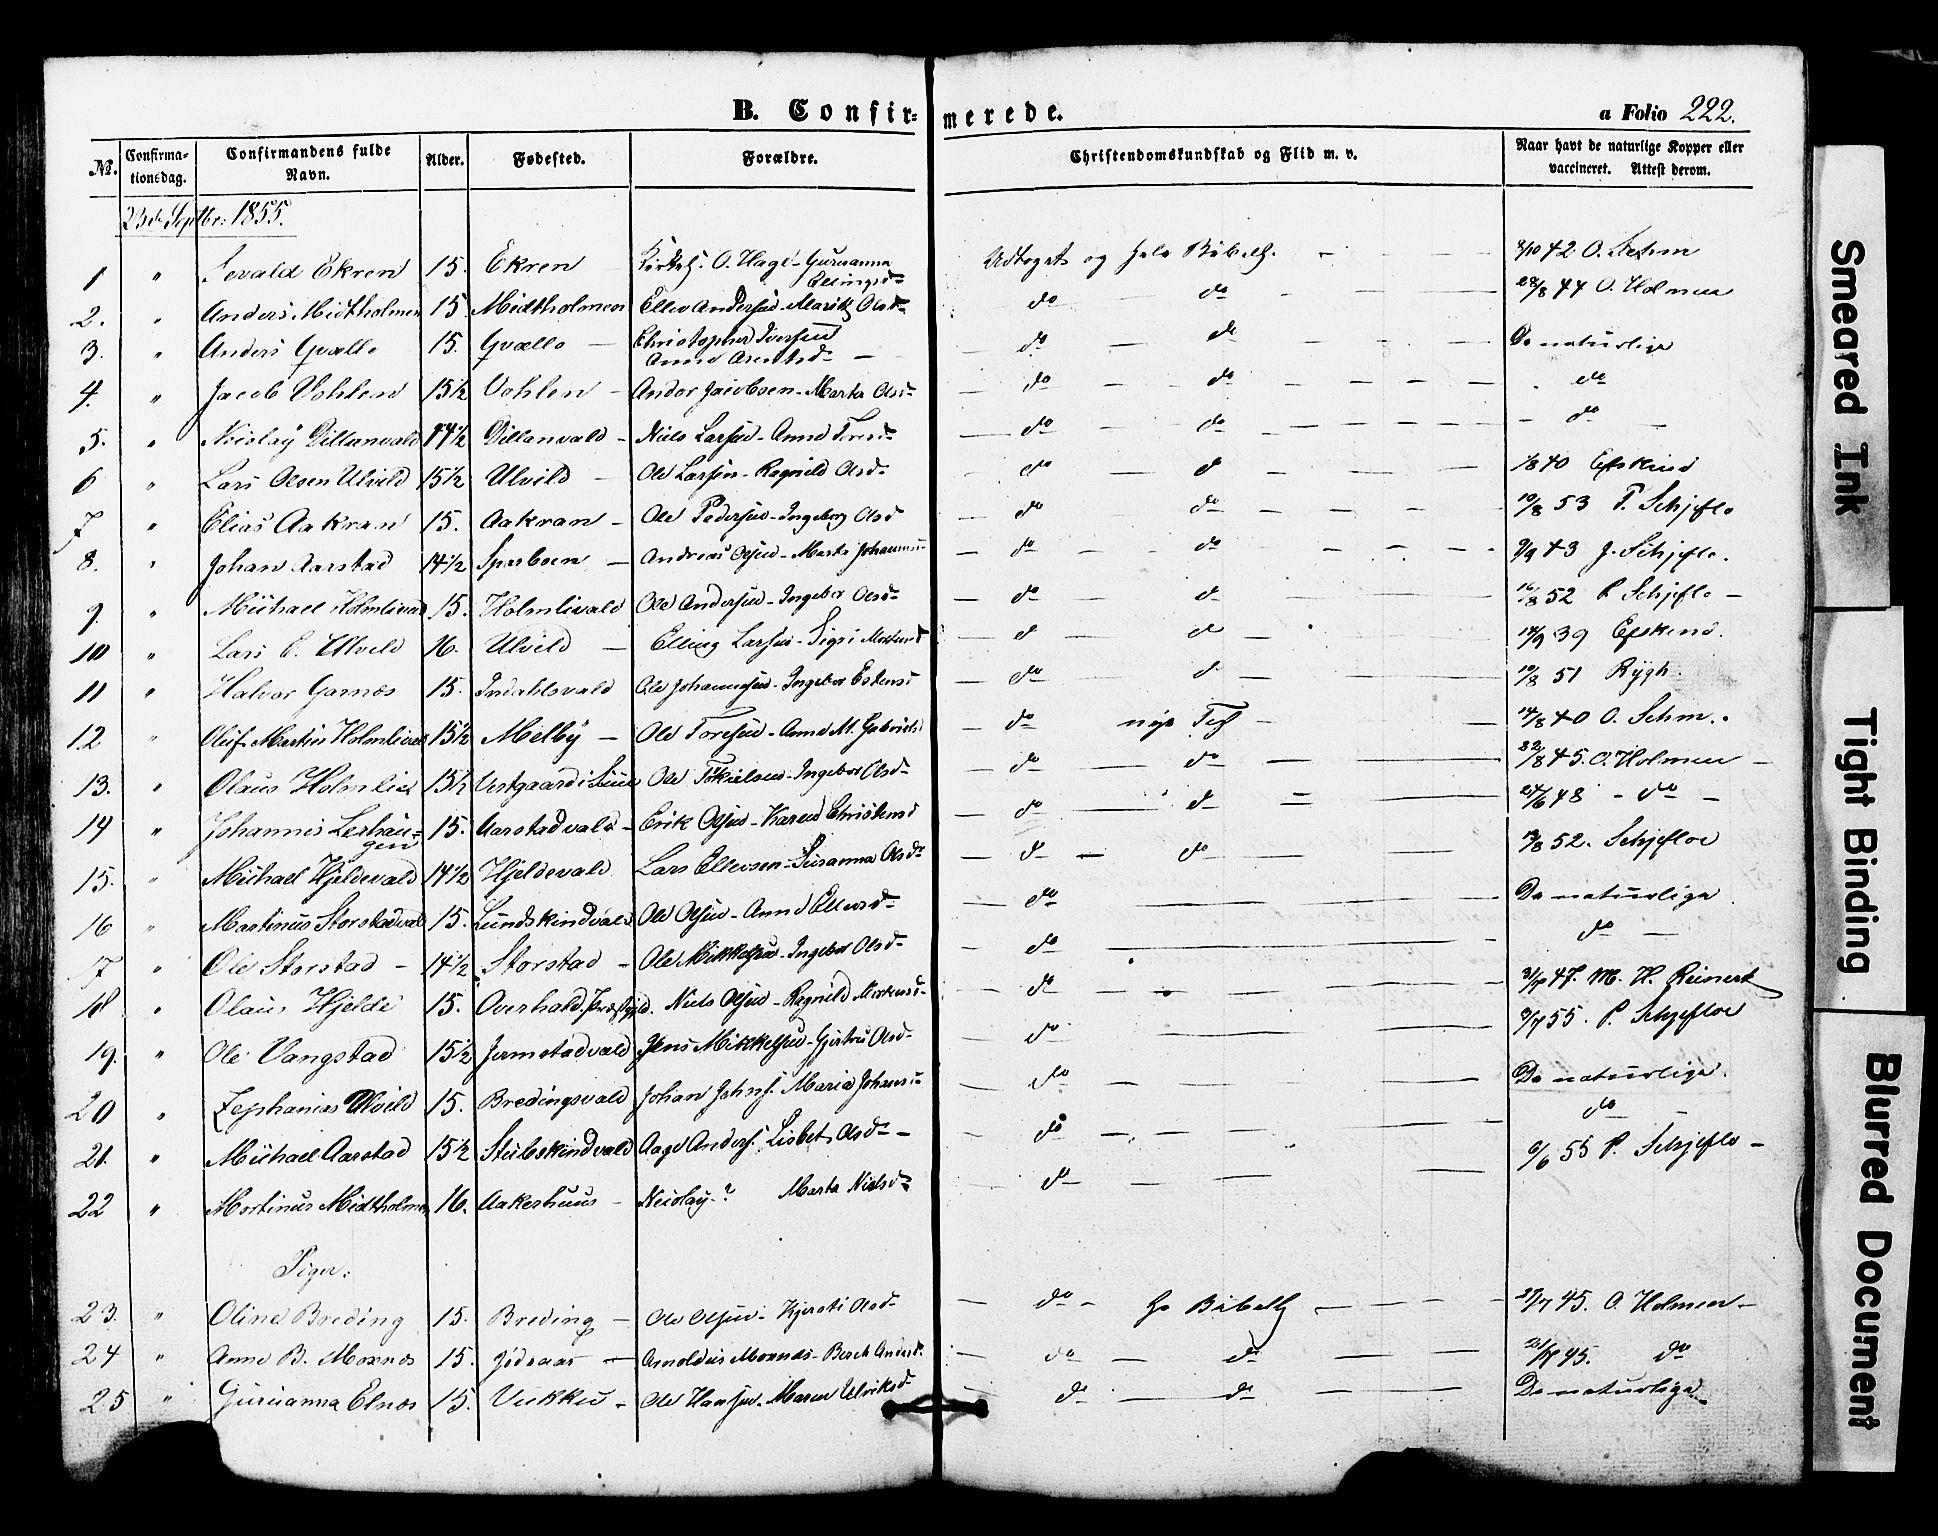 SAT, Ministerialprotokoller, klokkerbøker og fødselsregistre - Nord-Trøndelag, 724/L0268: Klokkerbok nr. 724C04, 1846-1878, s. 222